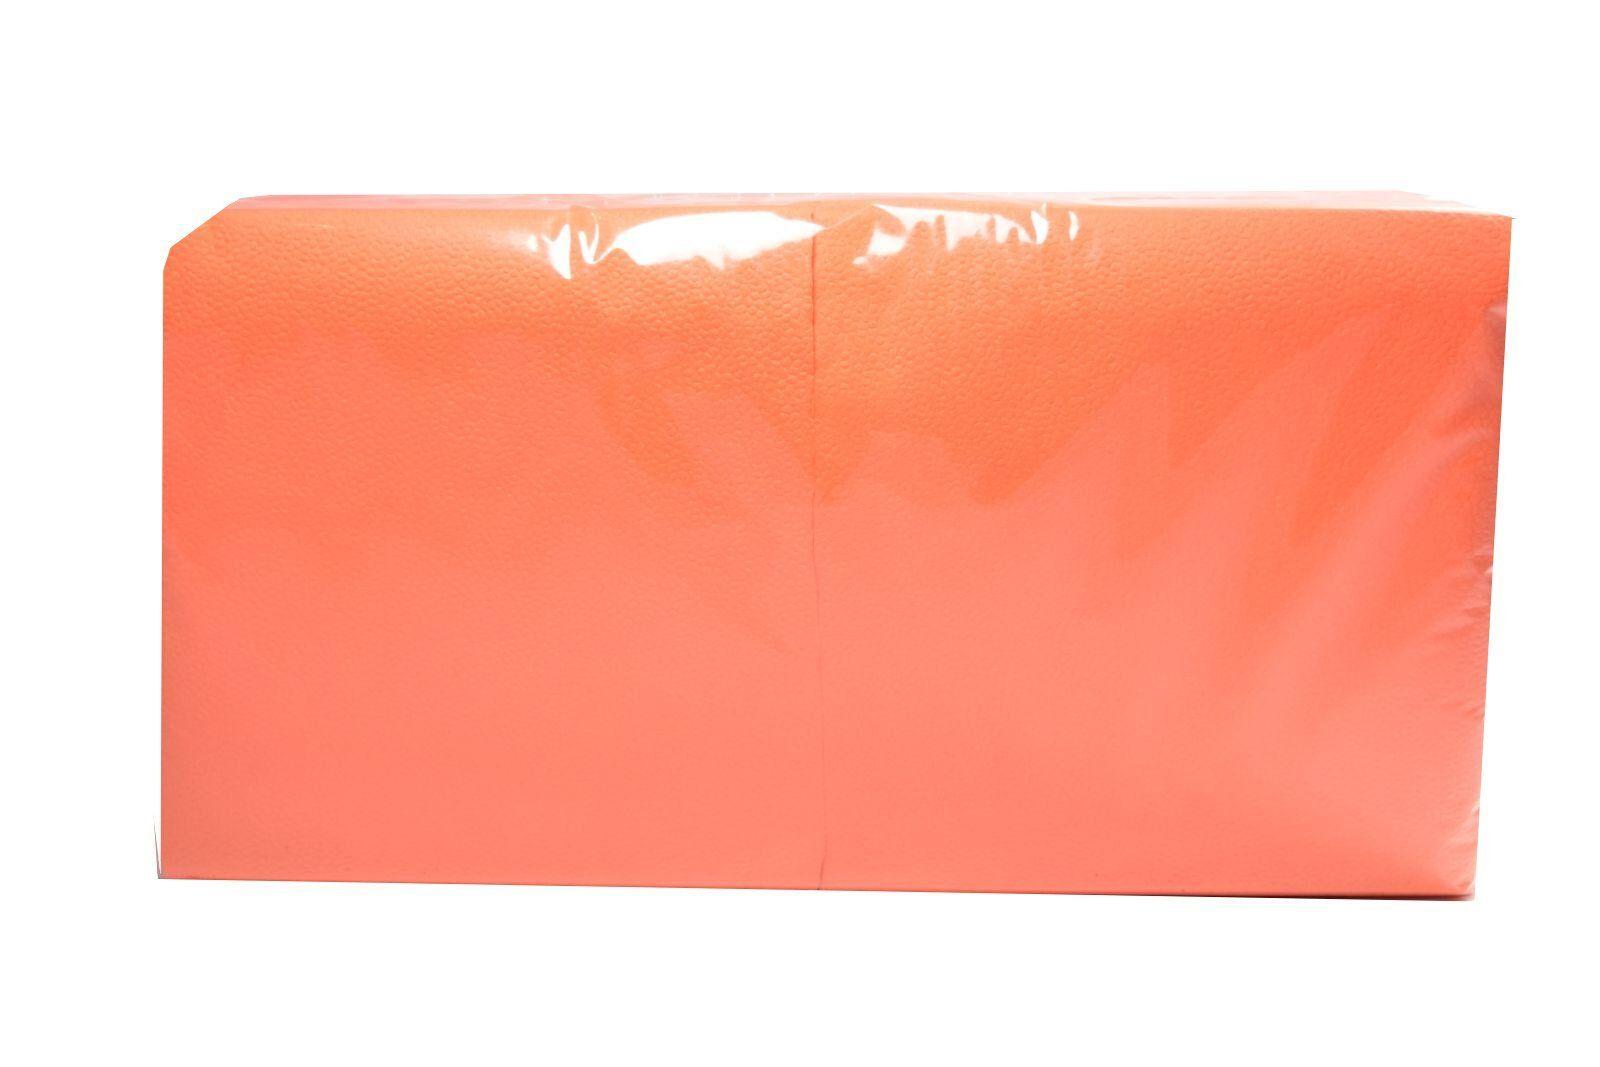 Salvrätikud 24 x 24 oranž, 1-kihiline, pakis 400 tk, kastis 18 pk